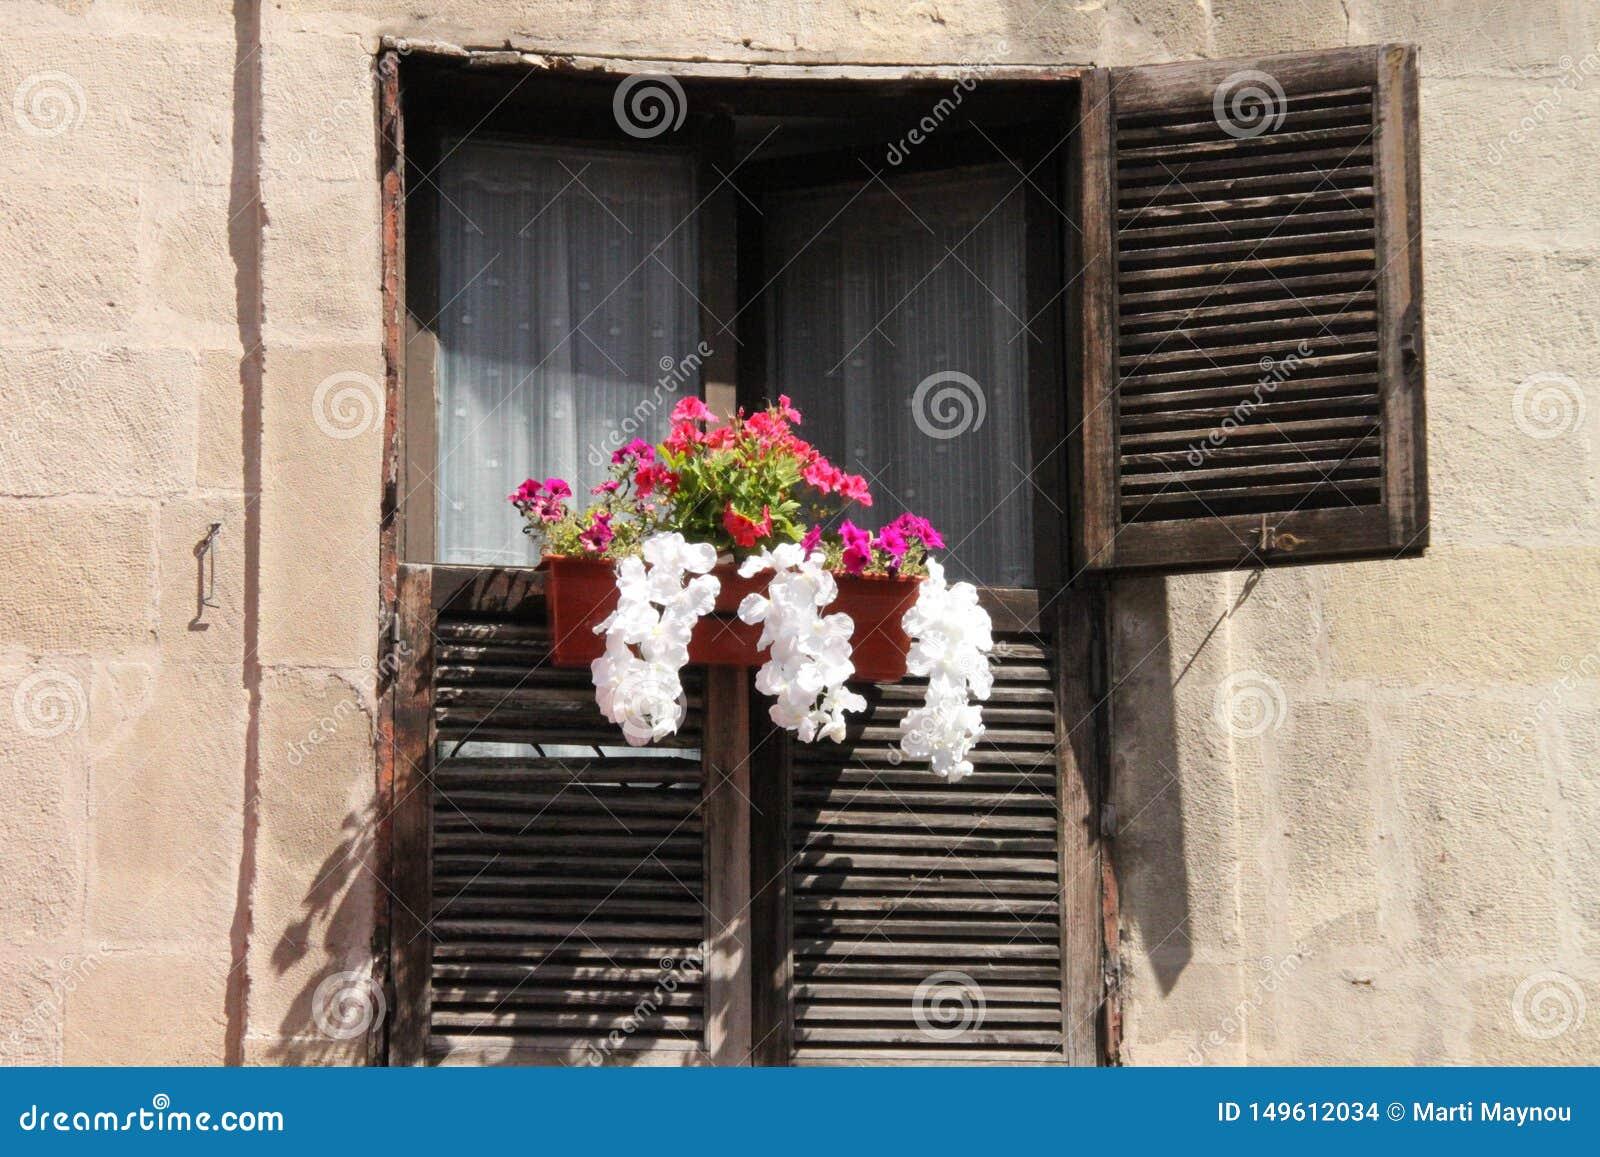 Balcone rustico con i fiori